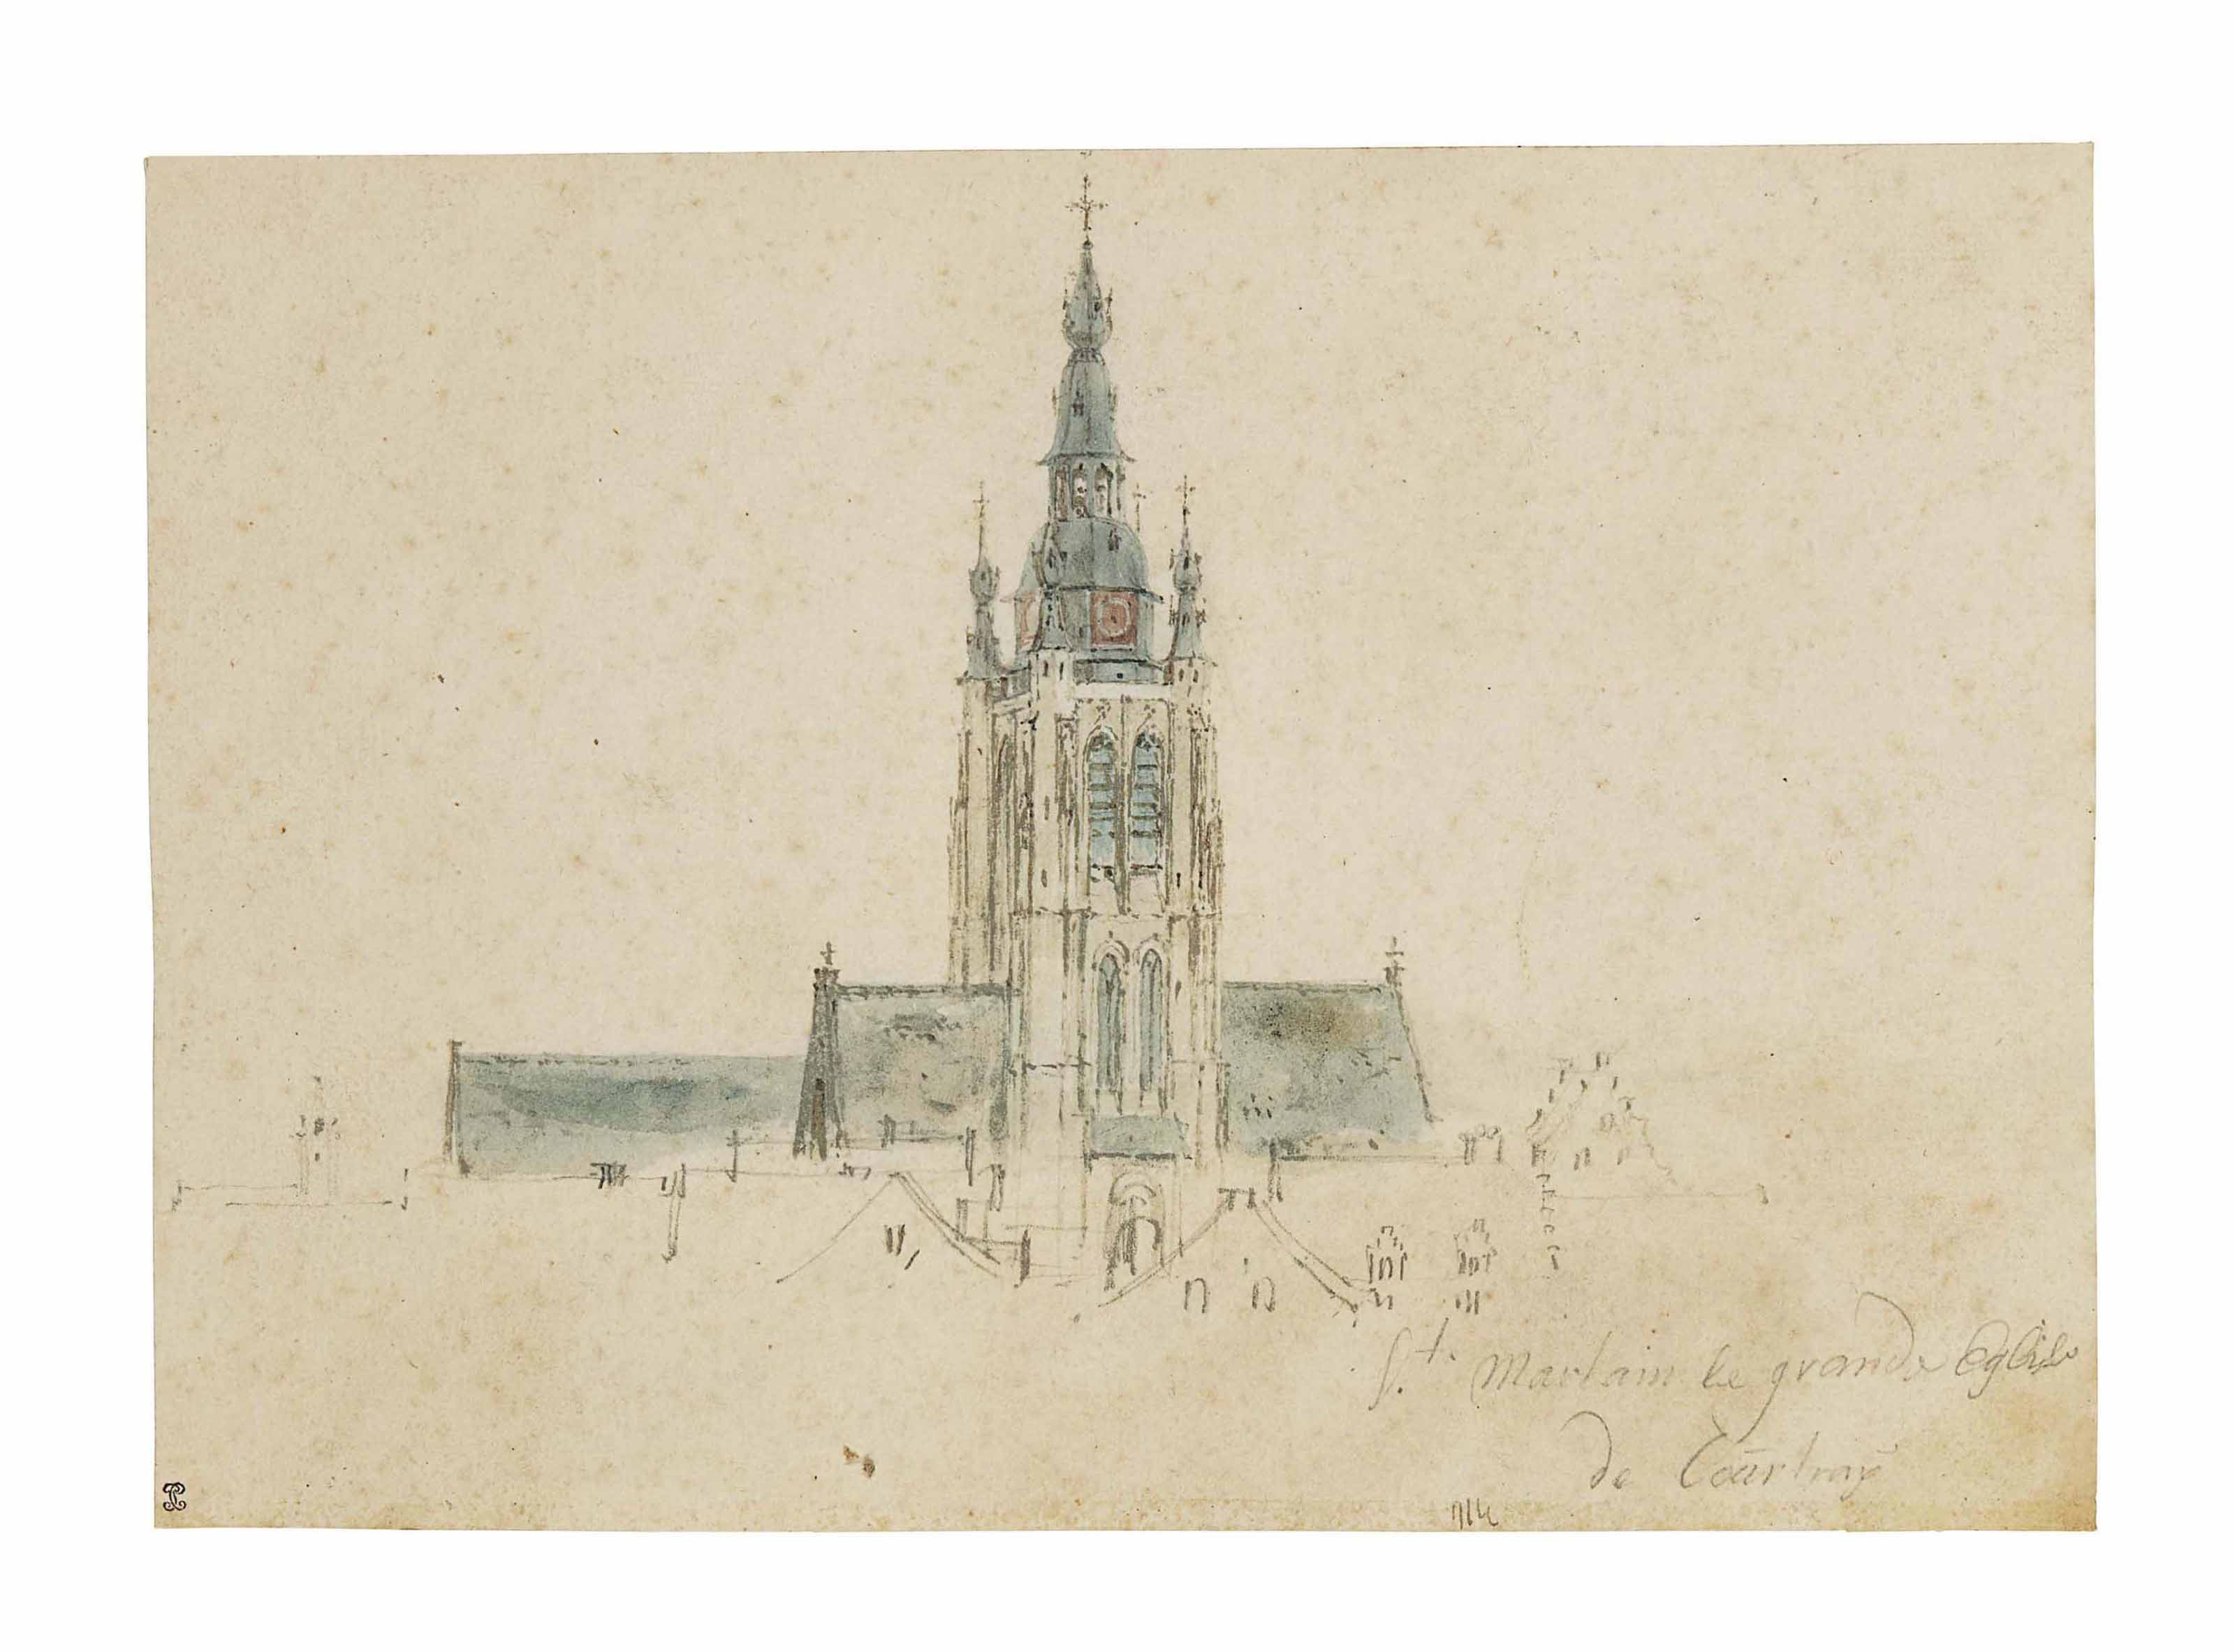 Vue de la tour-clocher et de la toiture de l'église Saint-Martin à Courtrai